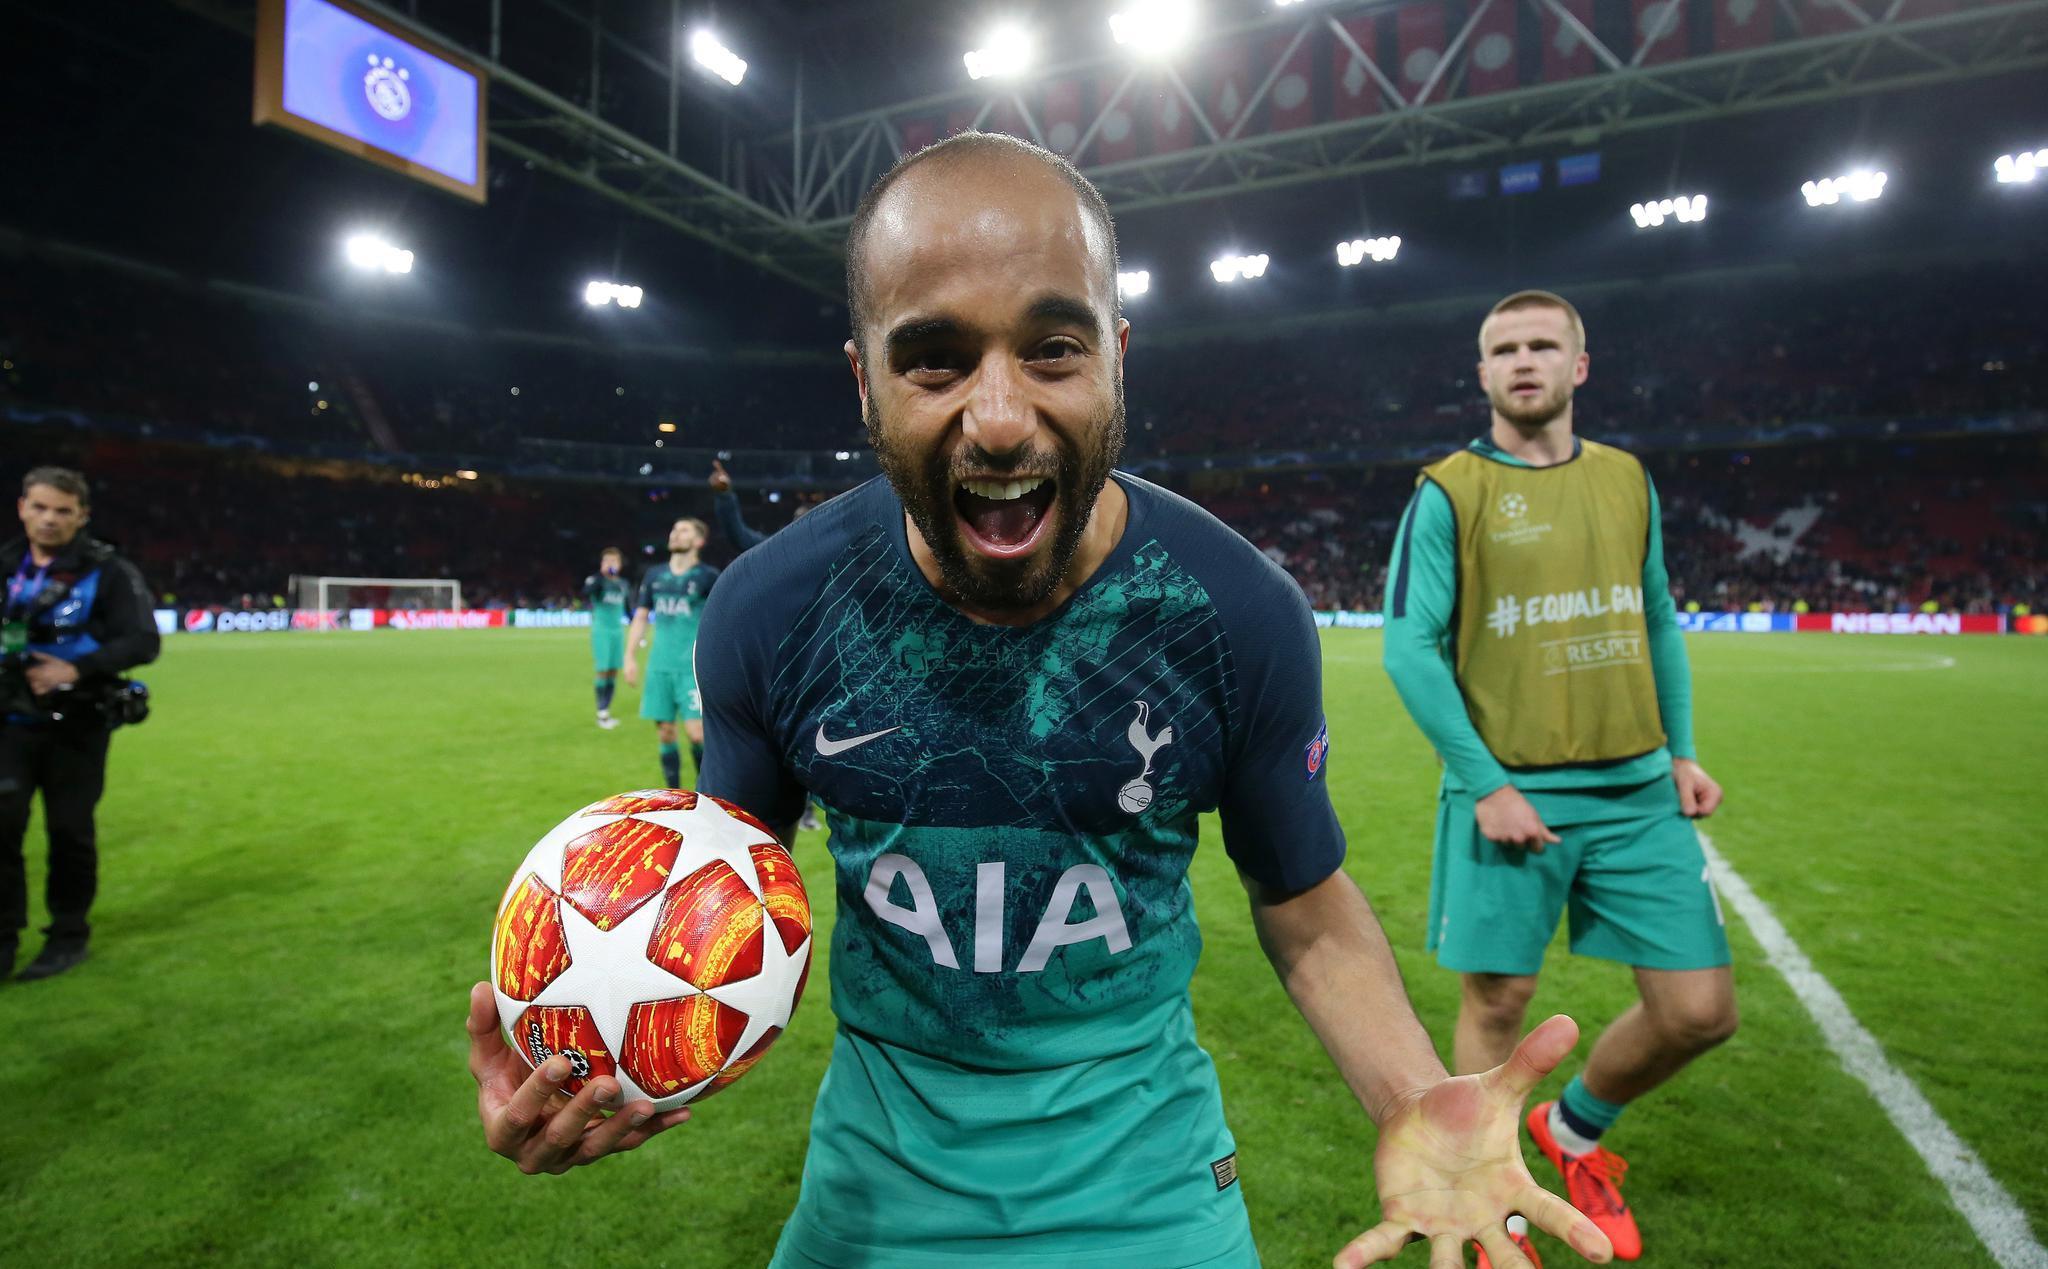 足球玄学解析!欧冠半决赛这些只是巧合吗?